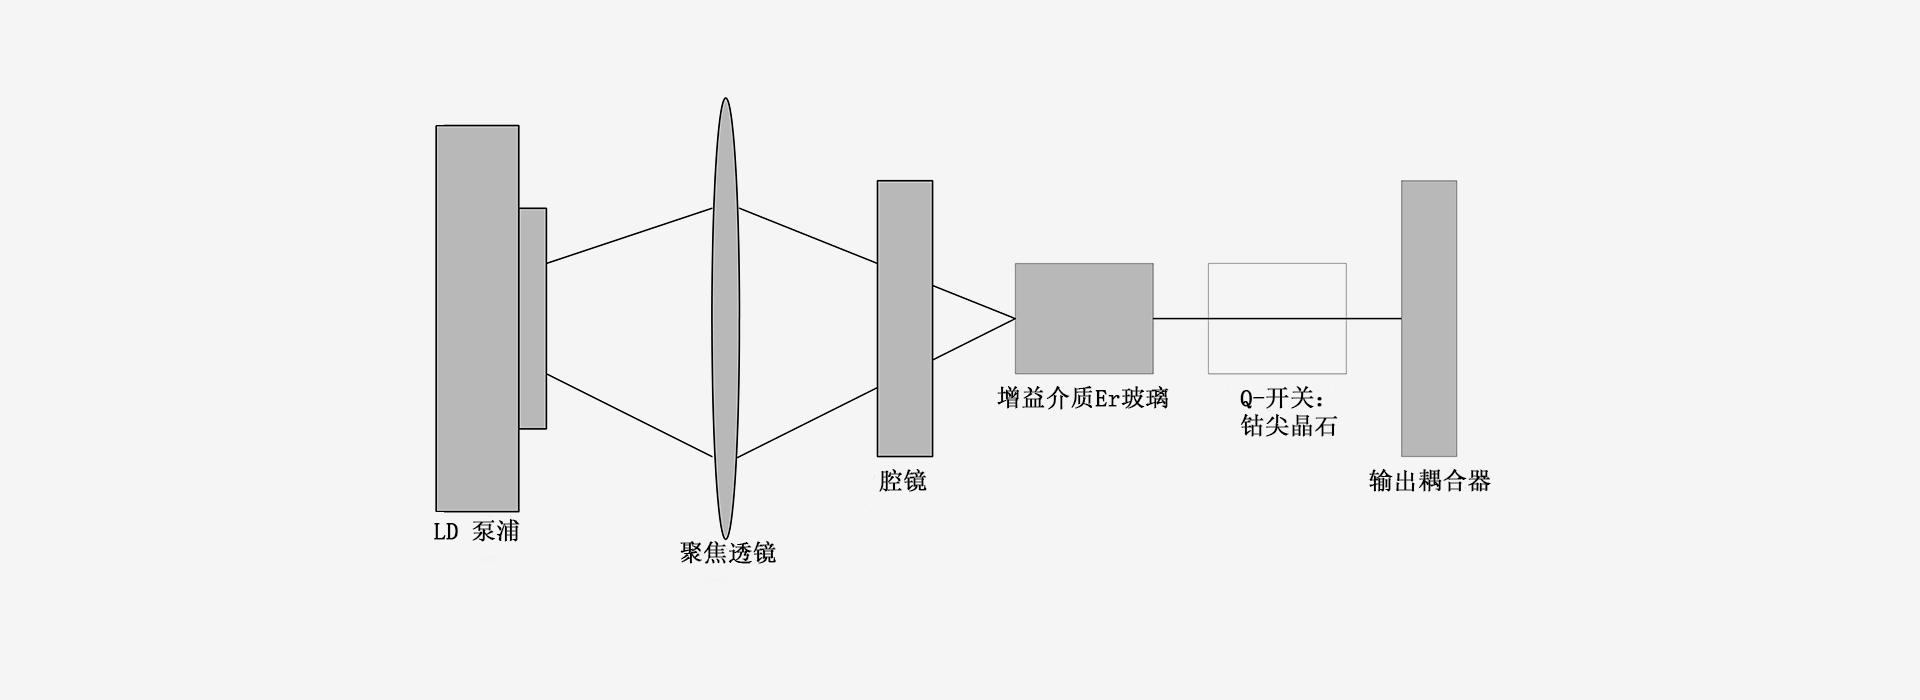 1535nm-雷达原理图